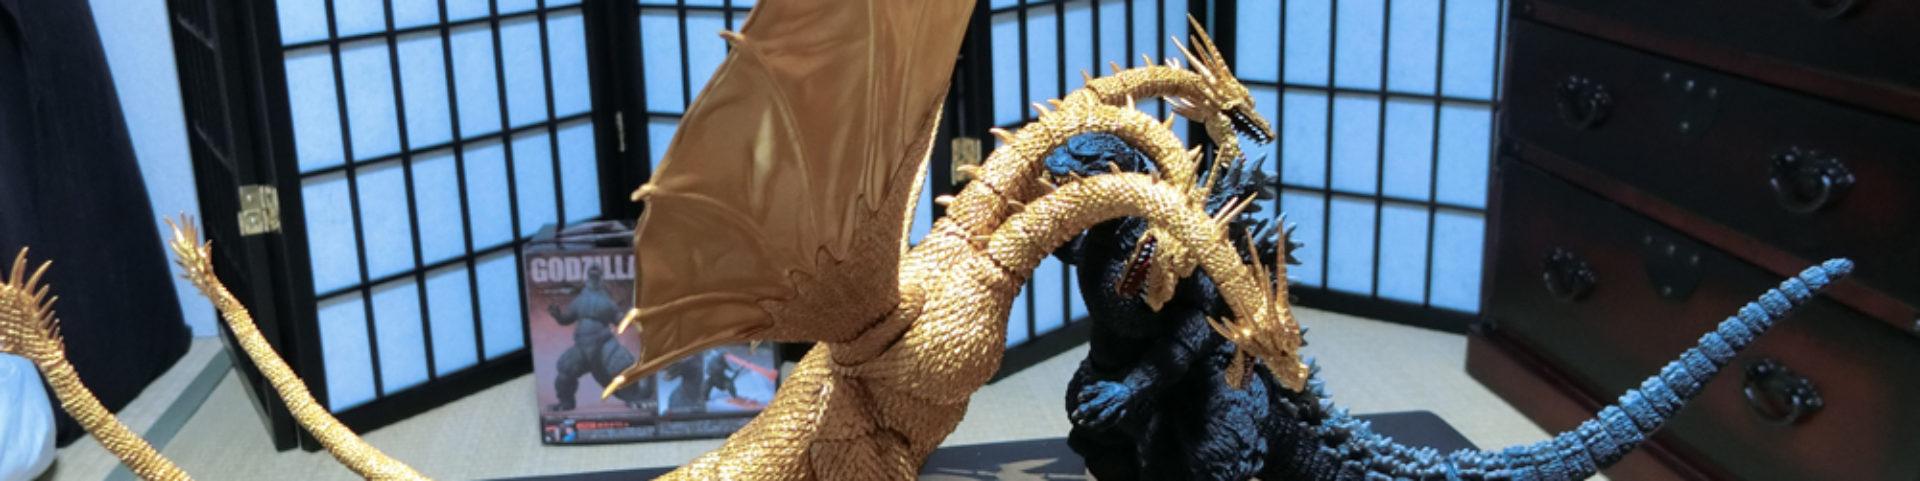 Godzilla Figure Otaku